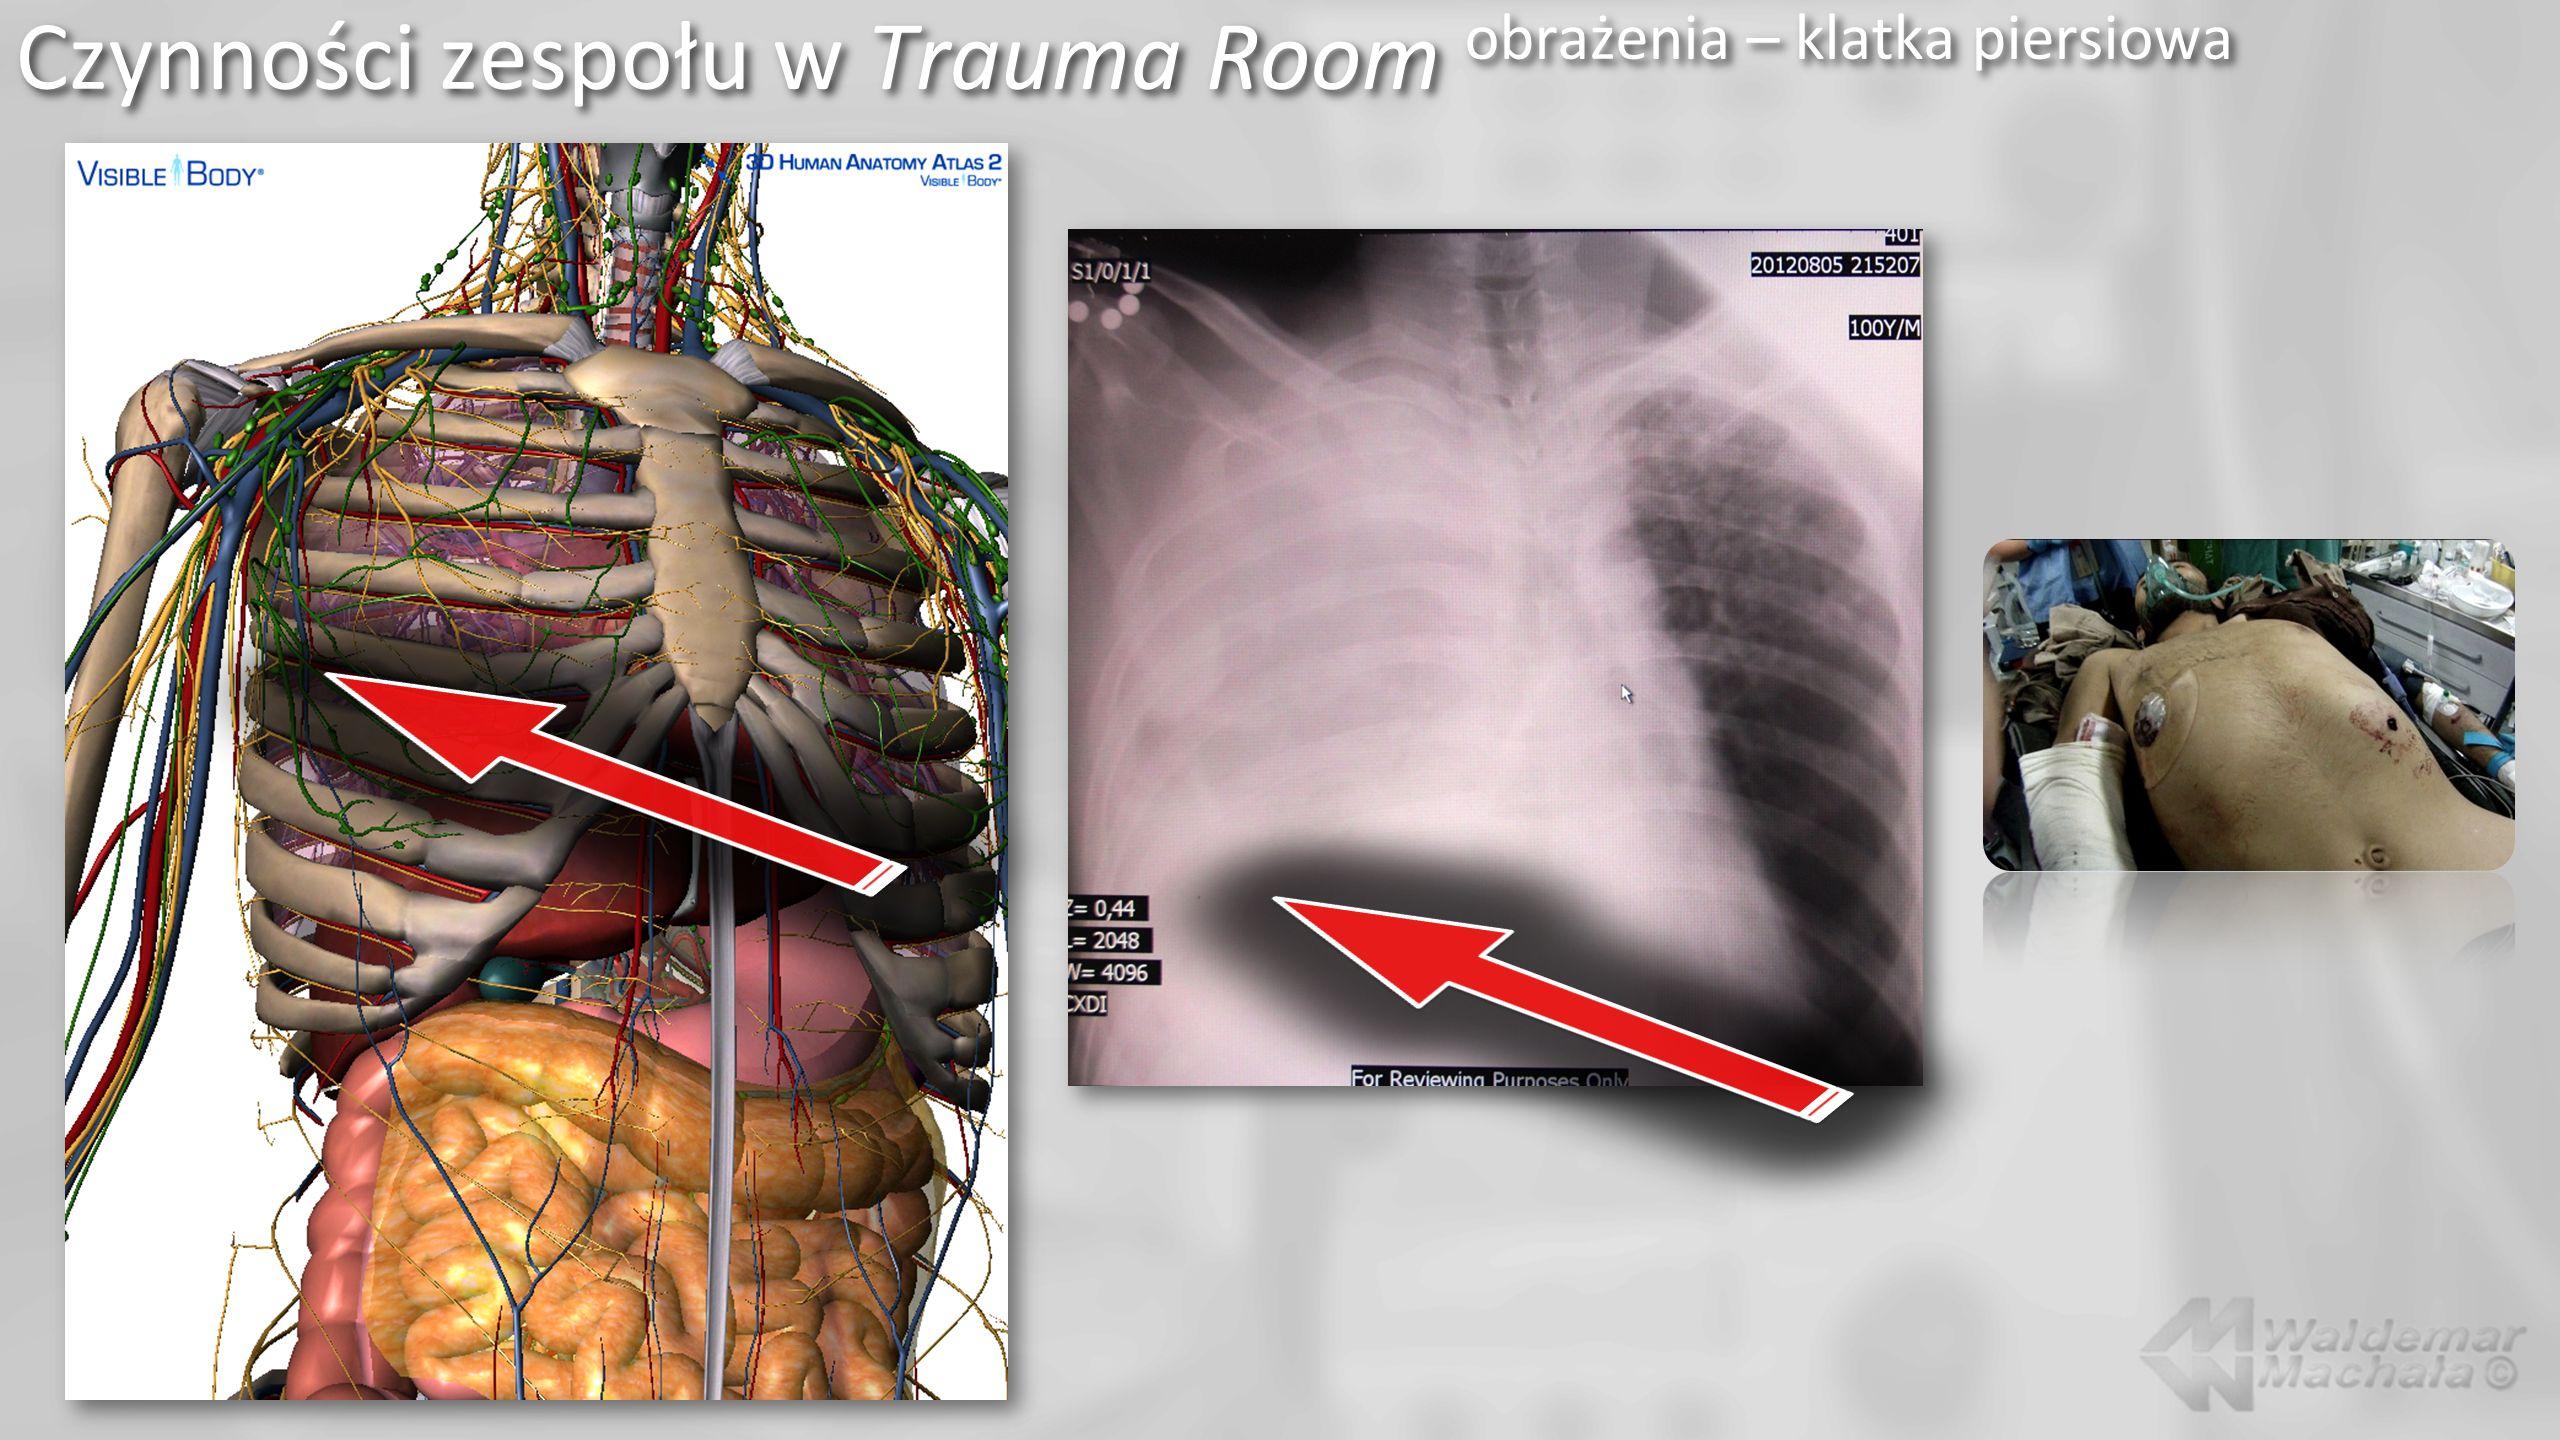 Czynności zespołu w Trauma Room obrażenia – klatka piersiowa